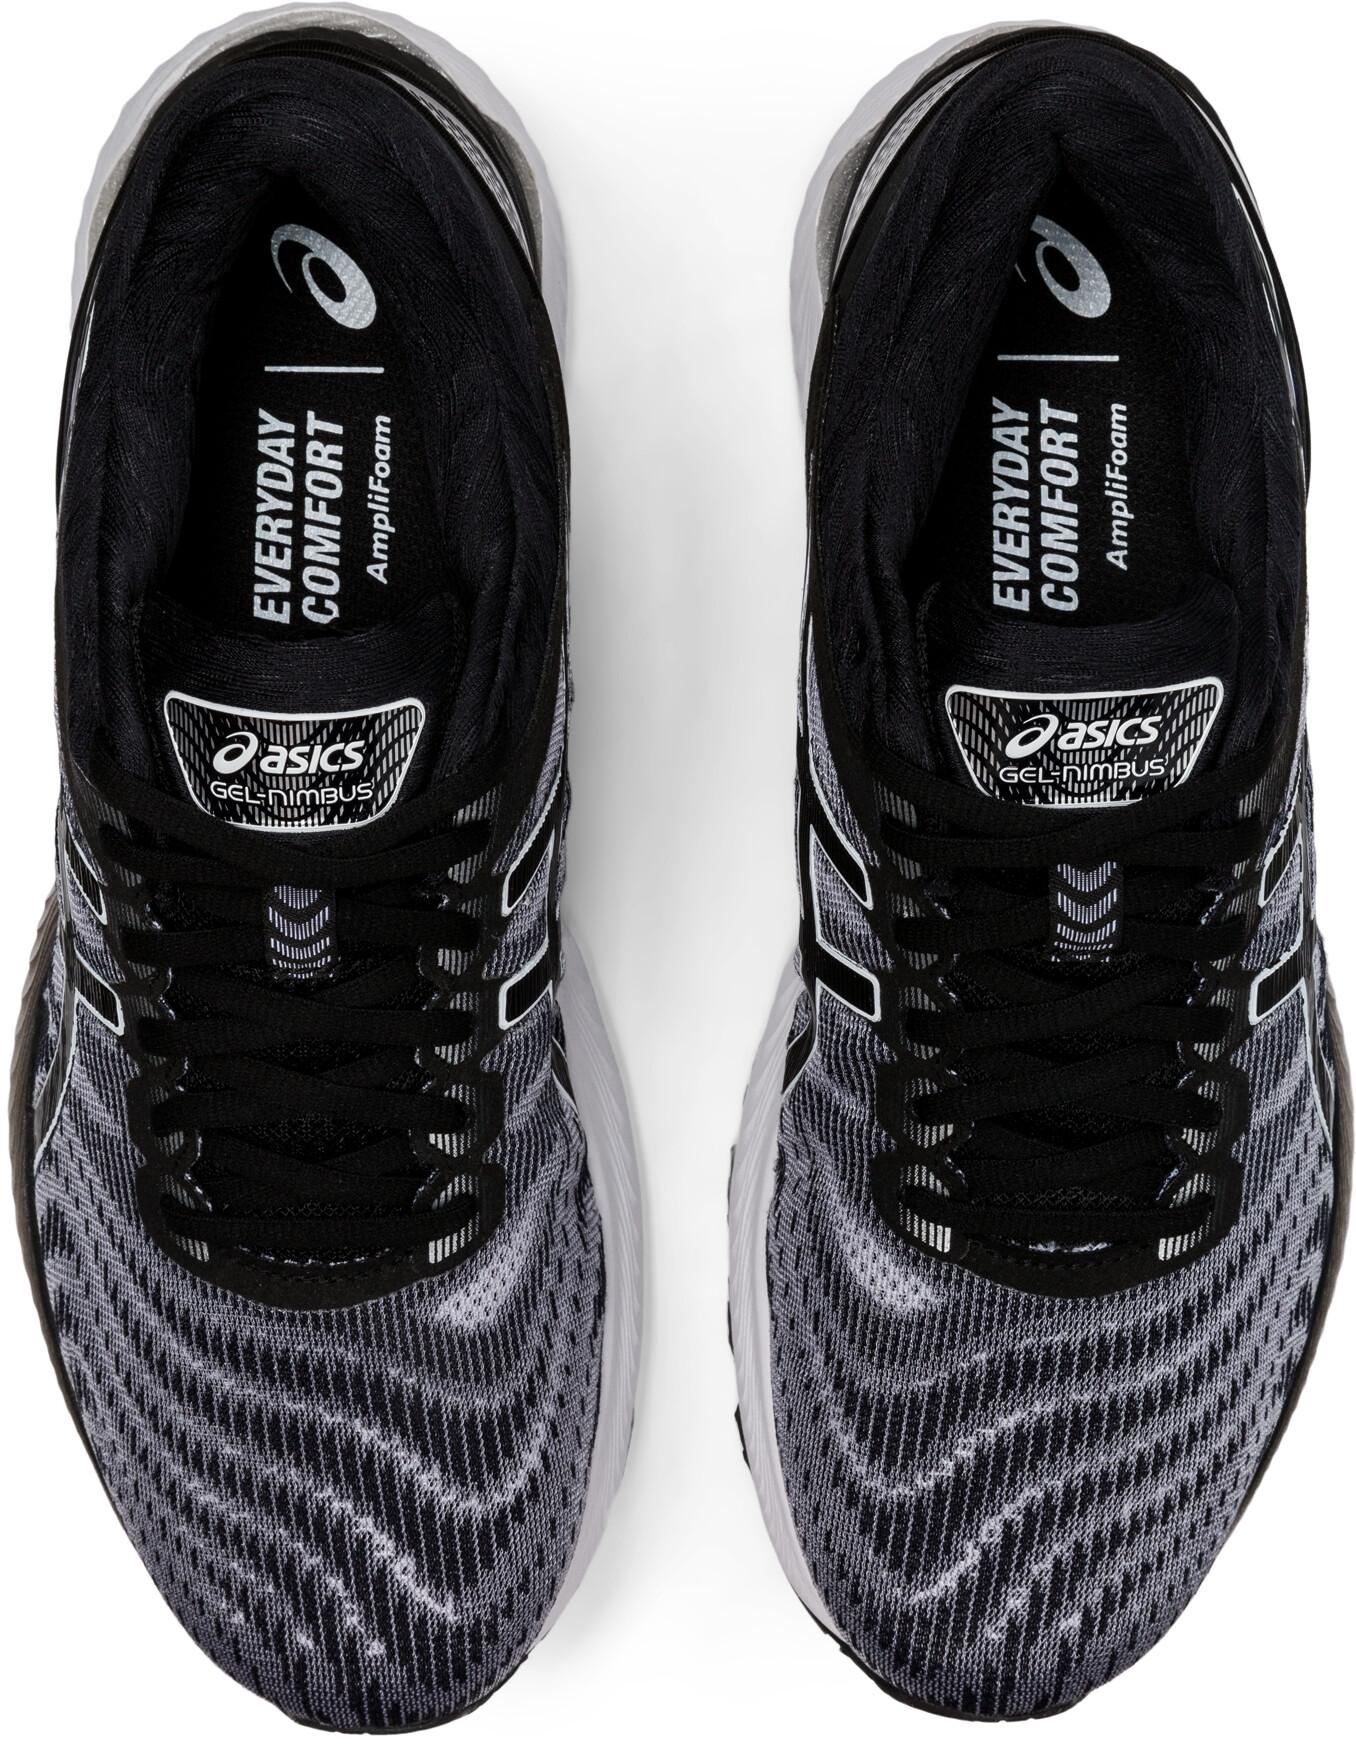 asics Gel Nimbus 22 Shoes Men whiteblack